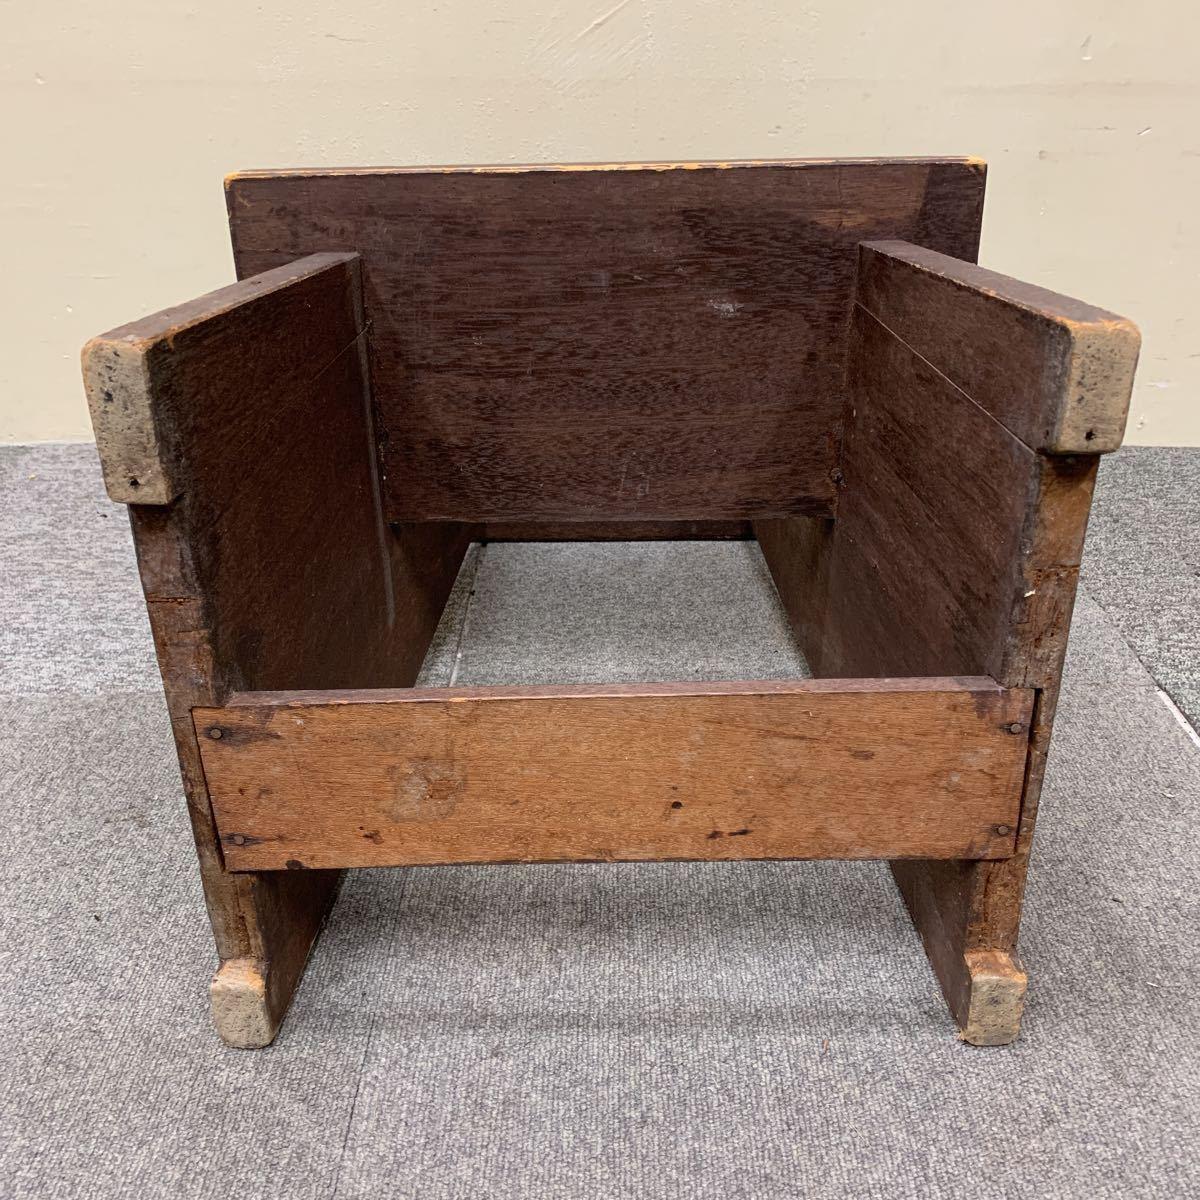 * 木製 スツール 踏み台 飾り棚 花台 ステップ ディスプレイ 陳列台 レトロ アンティーク 格安売り切りスタート◎_画像5